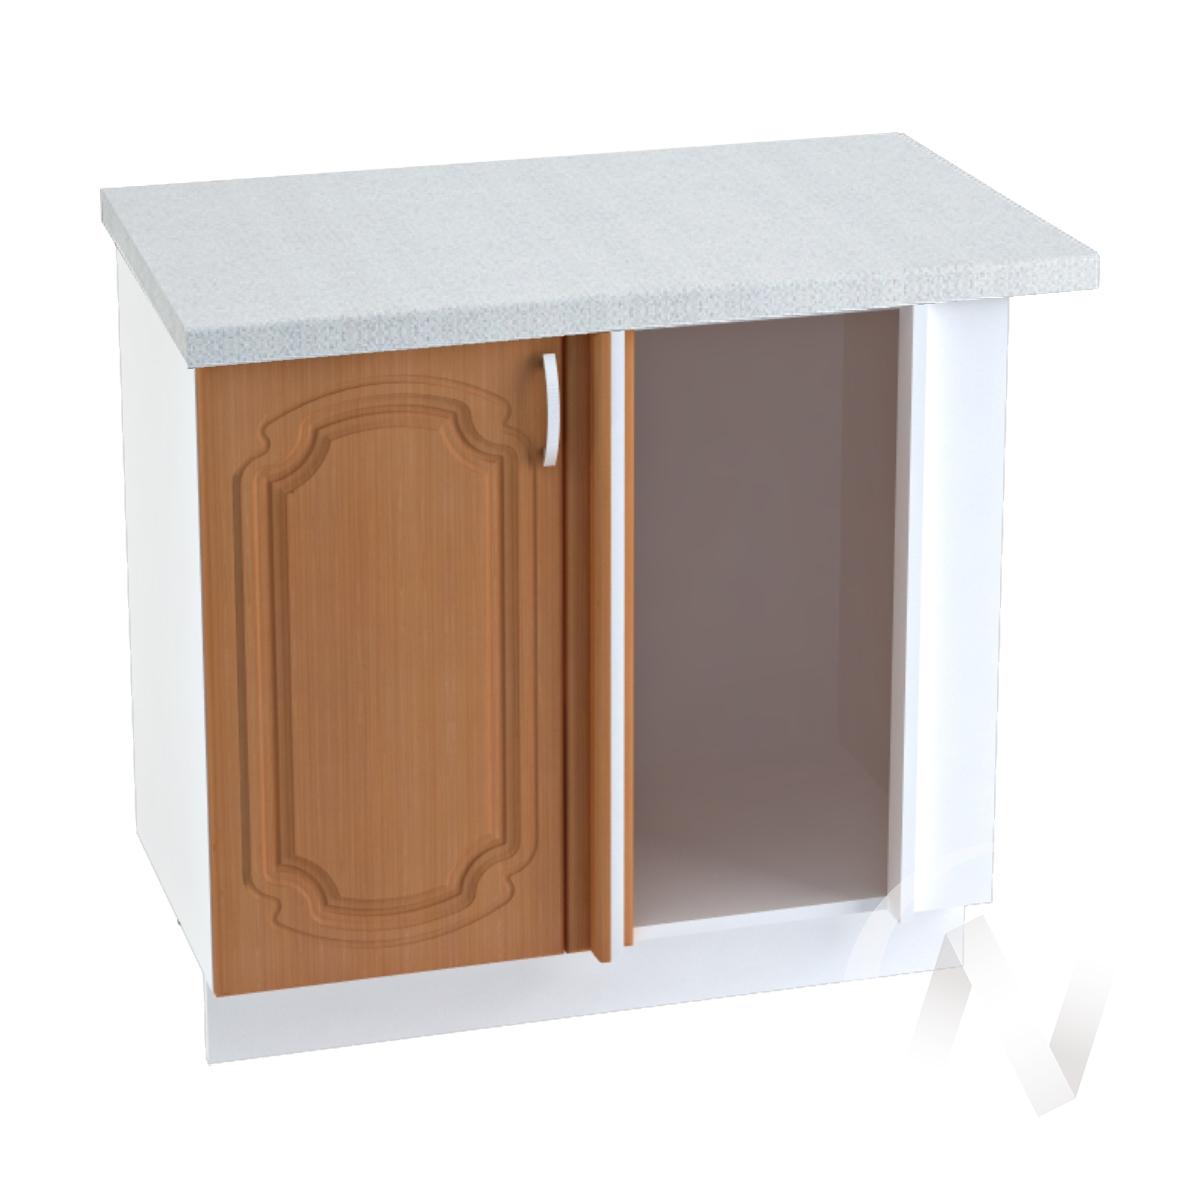 """Кухня """"Настя"""": Шкаф нижний угловой 990М, ШНУ 990М (Орех миланский/корпус белый)"""